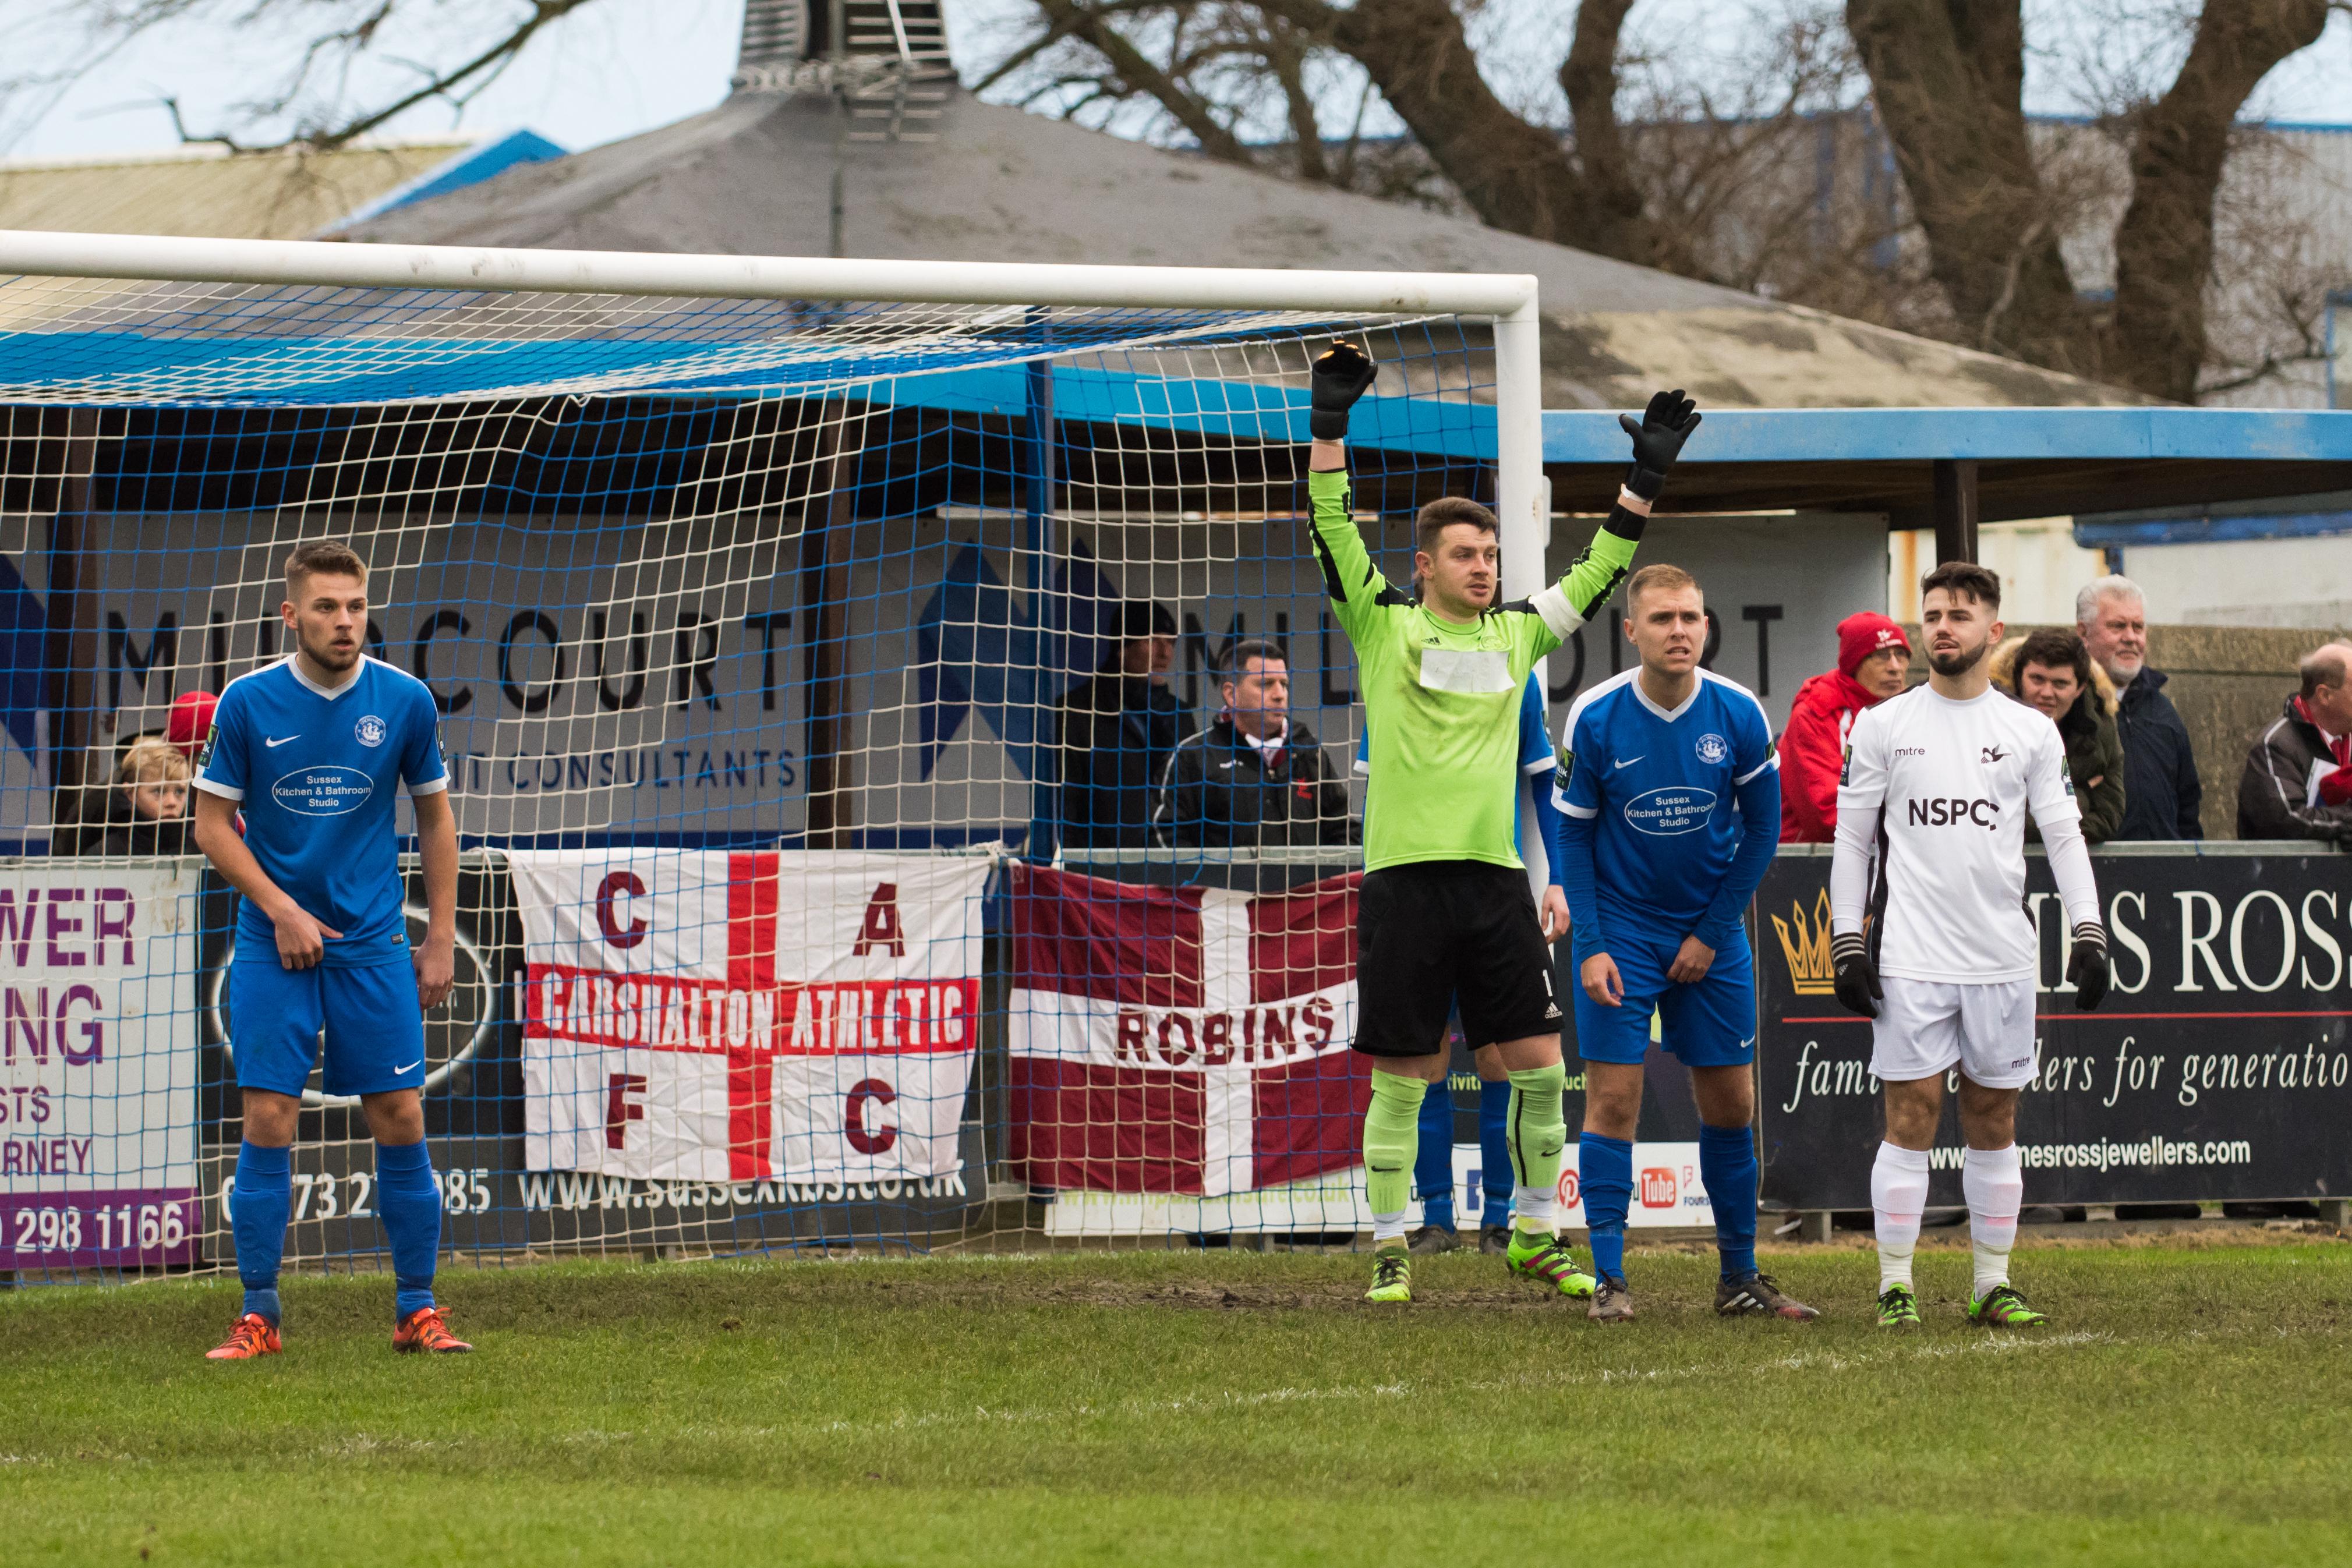 Shoreham FC vs Carshalton Ath 23.12.17 48